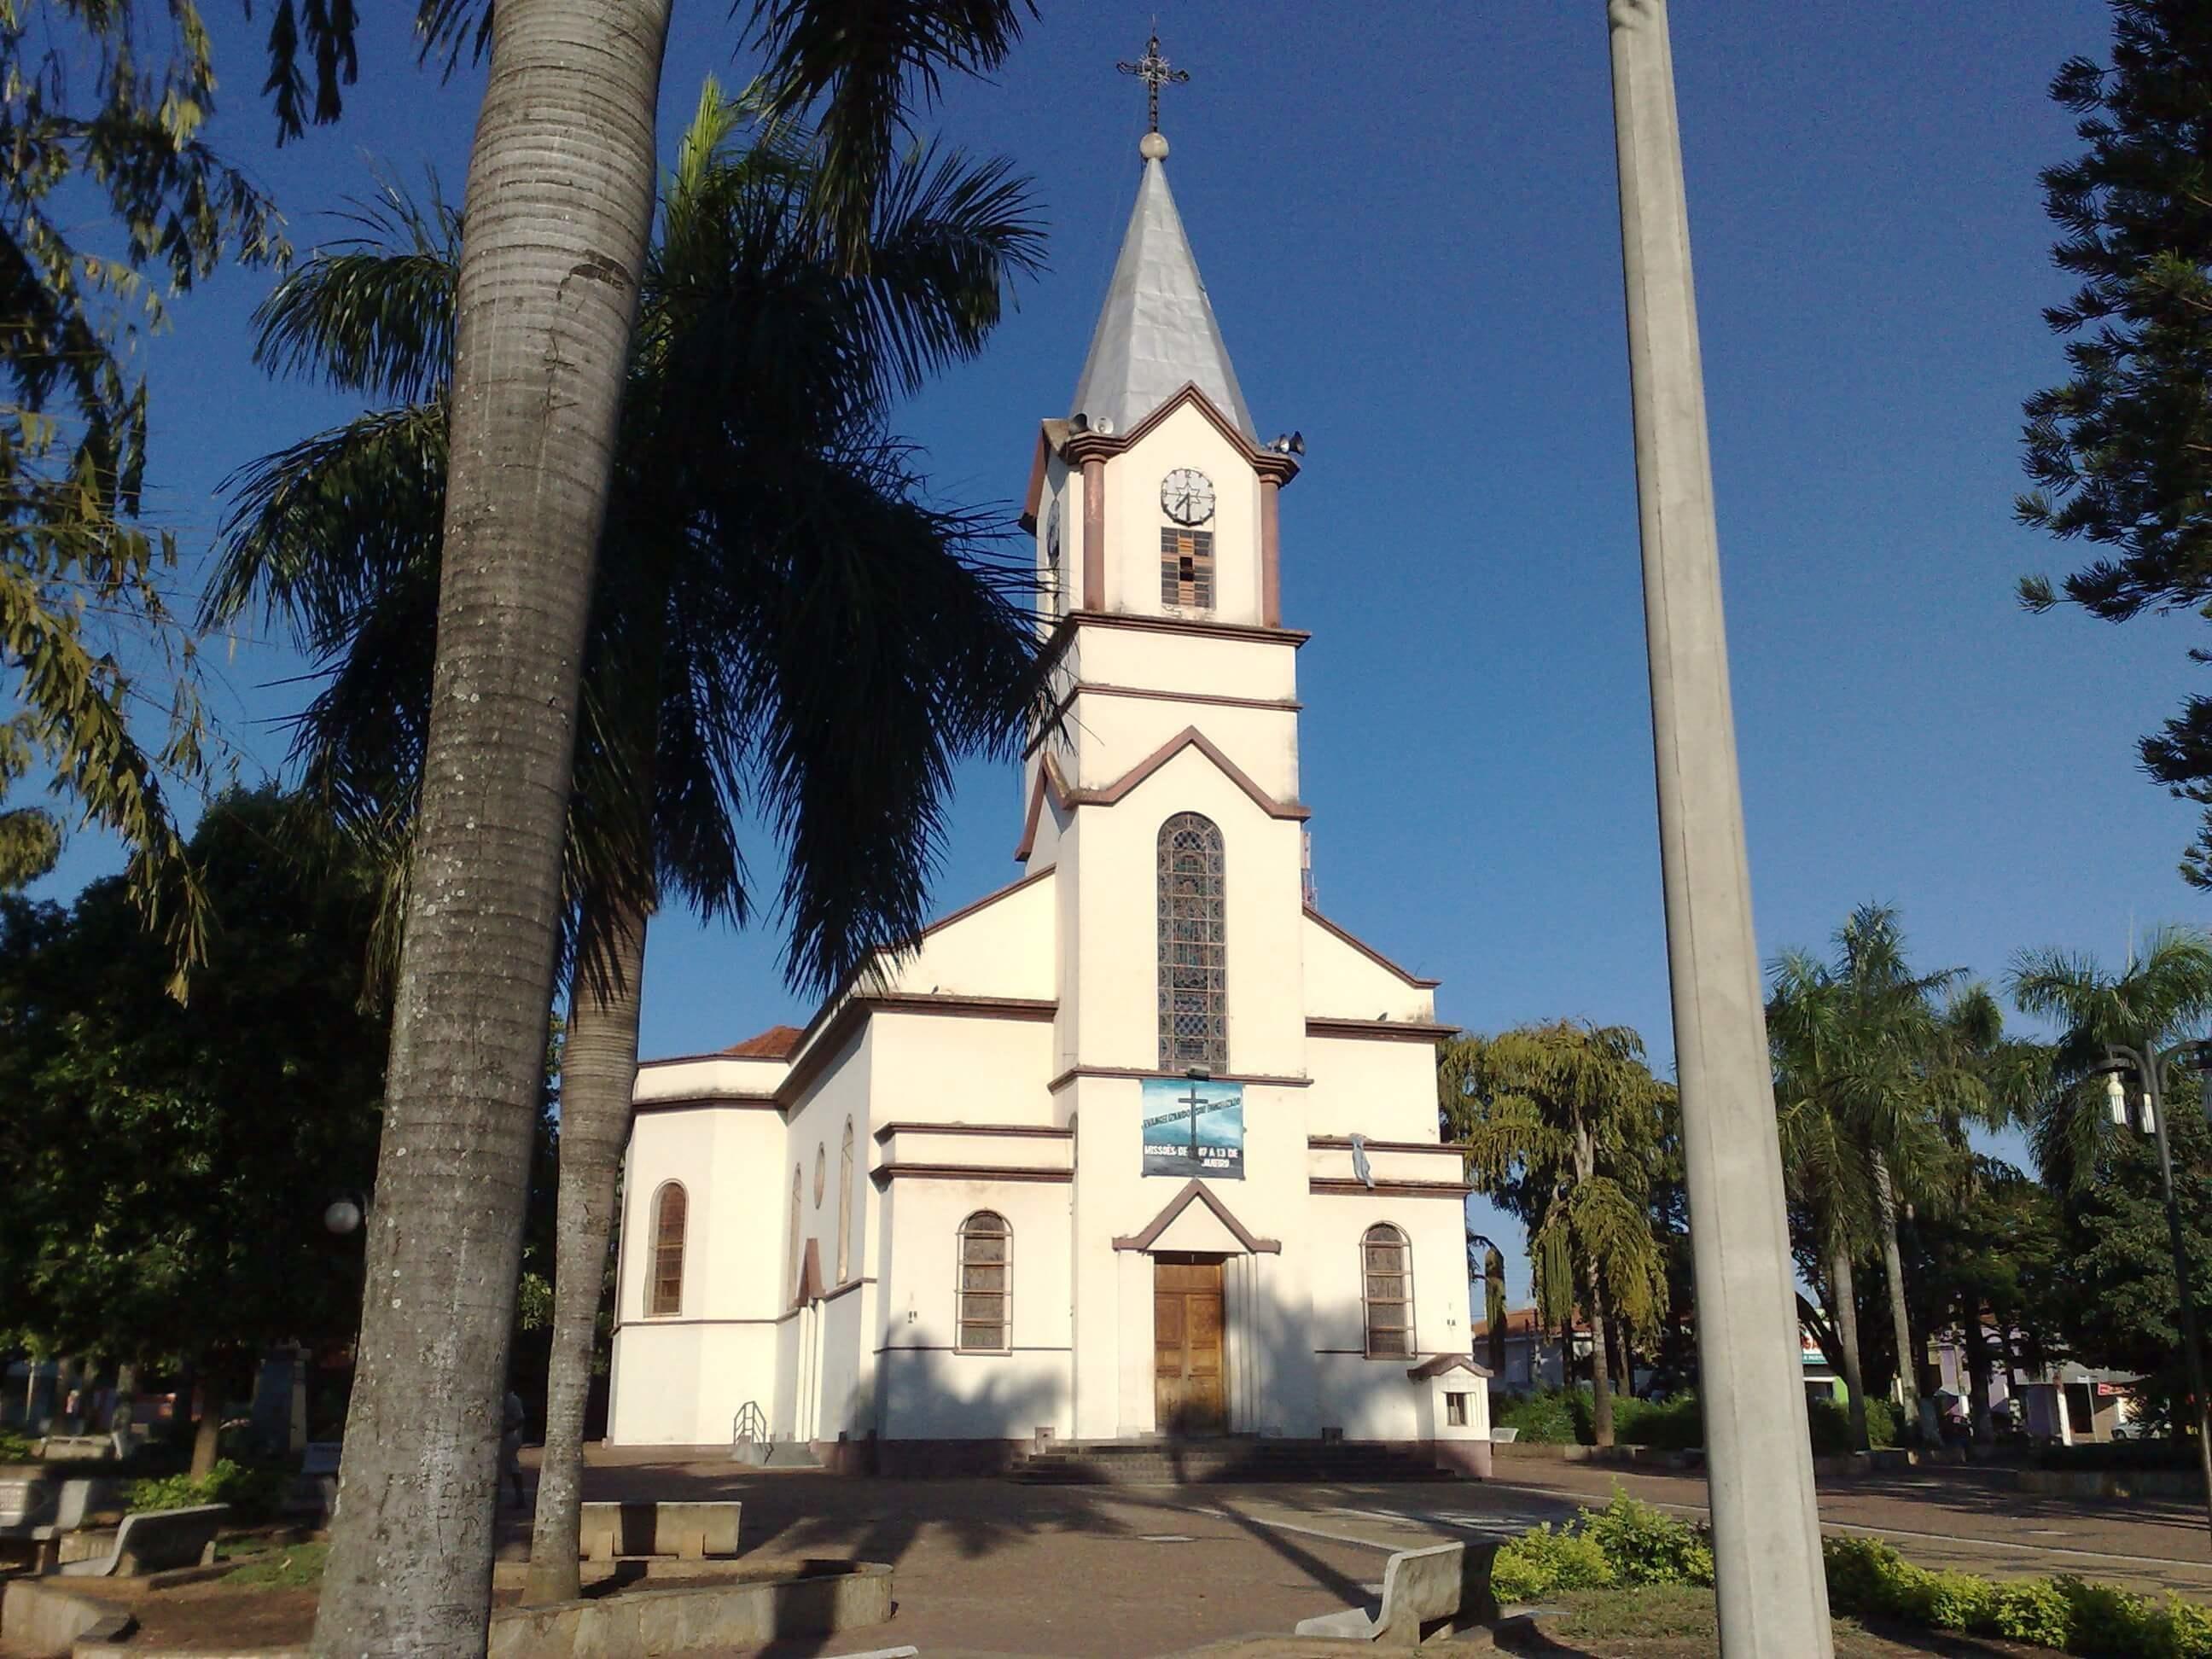 Imagem da igreja da cidade para remeter aos empreendedores que buscam escritório de contabilidade em Irapuã